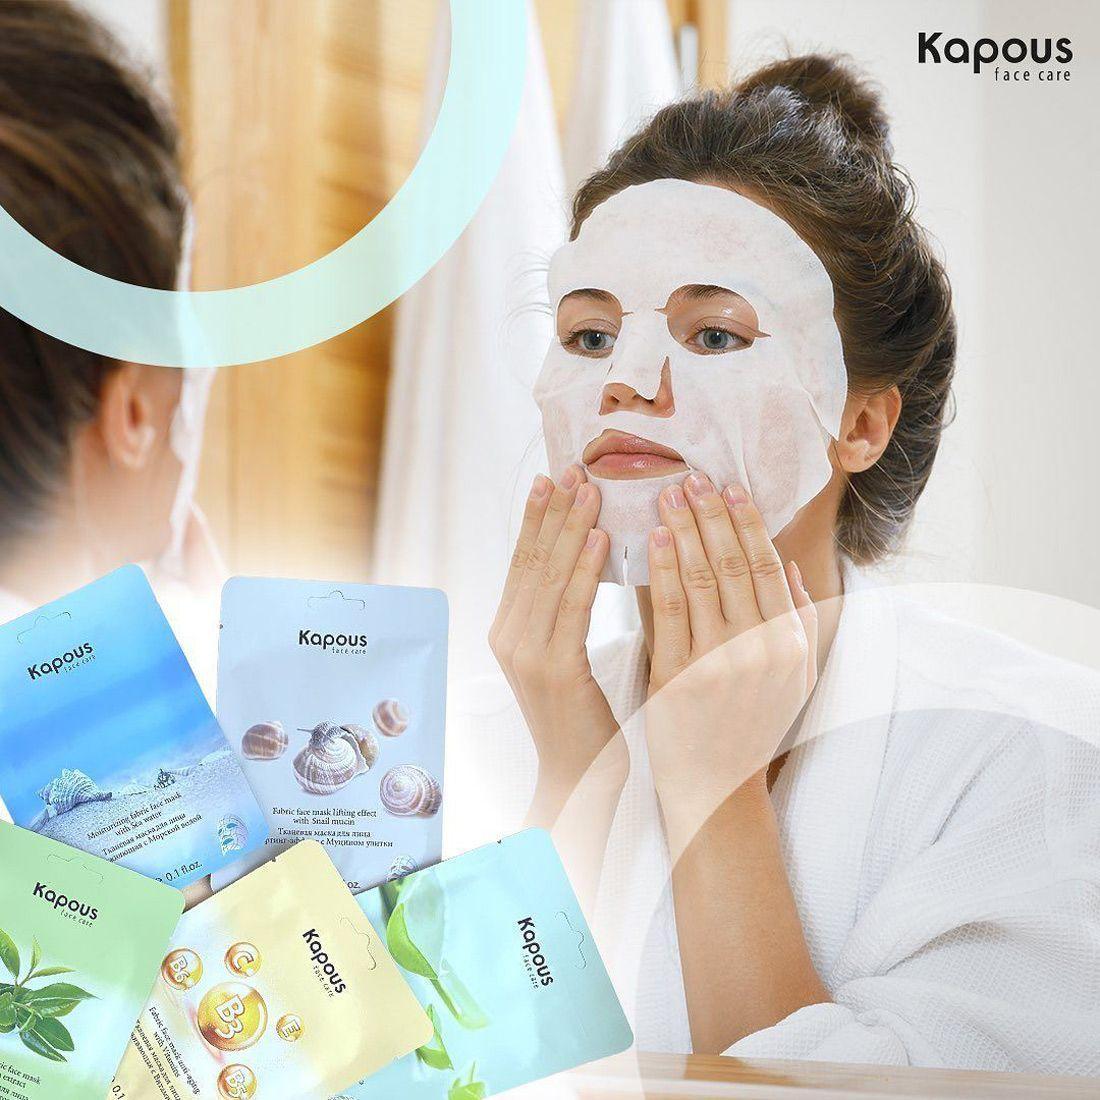 Kapous Professional Face Care